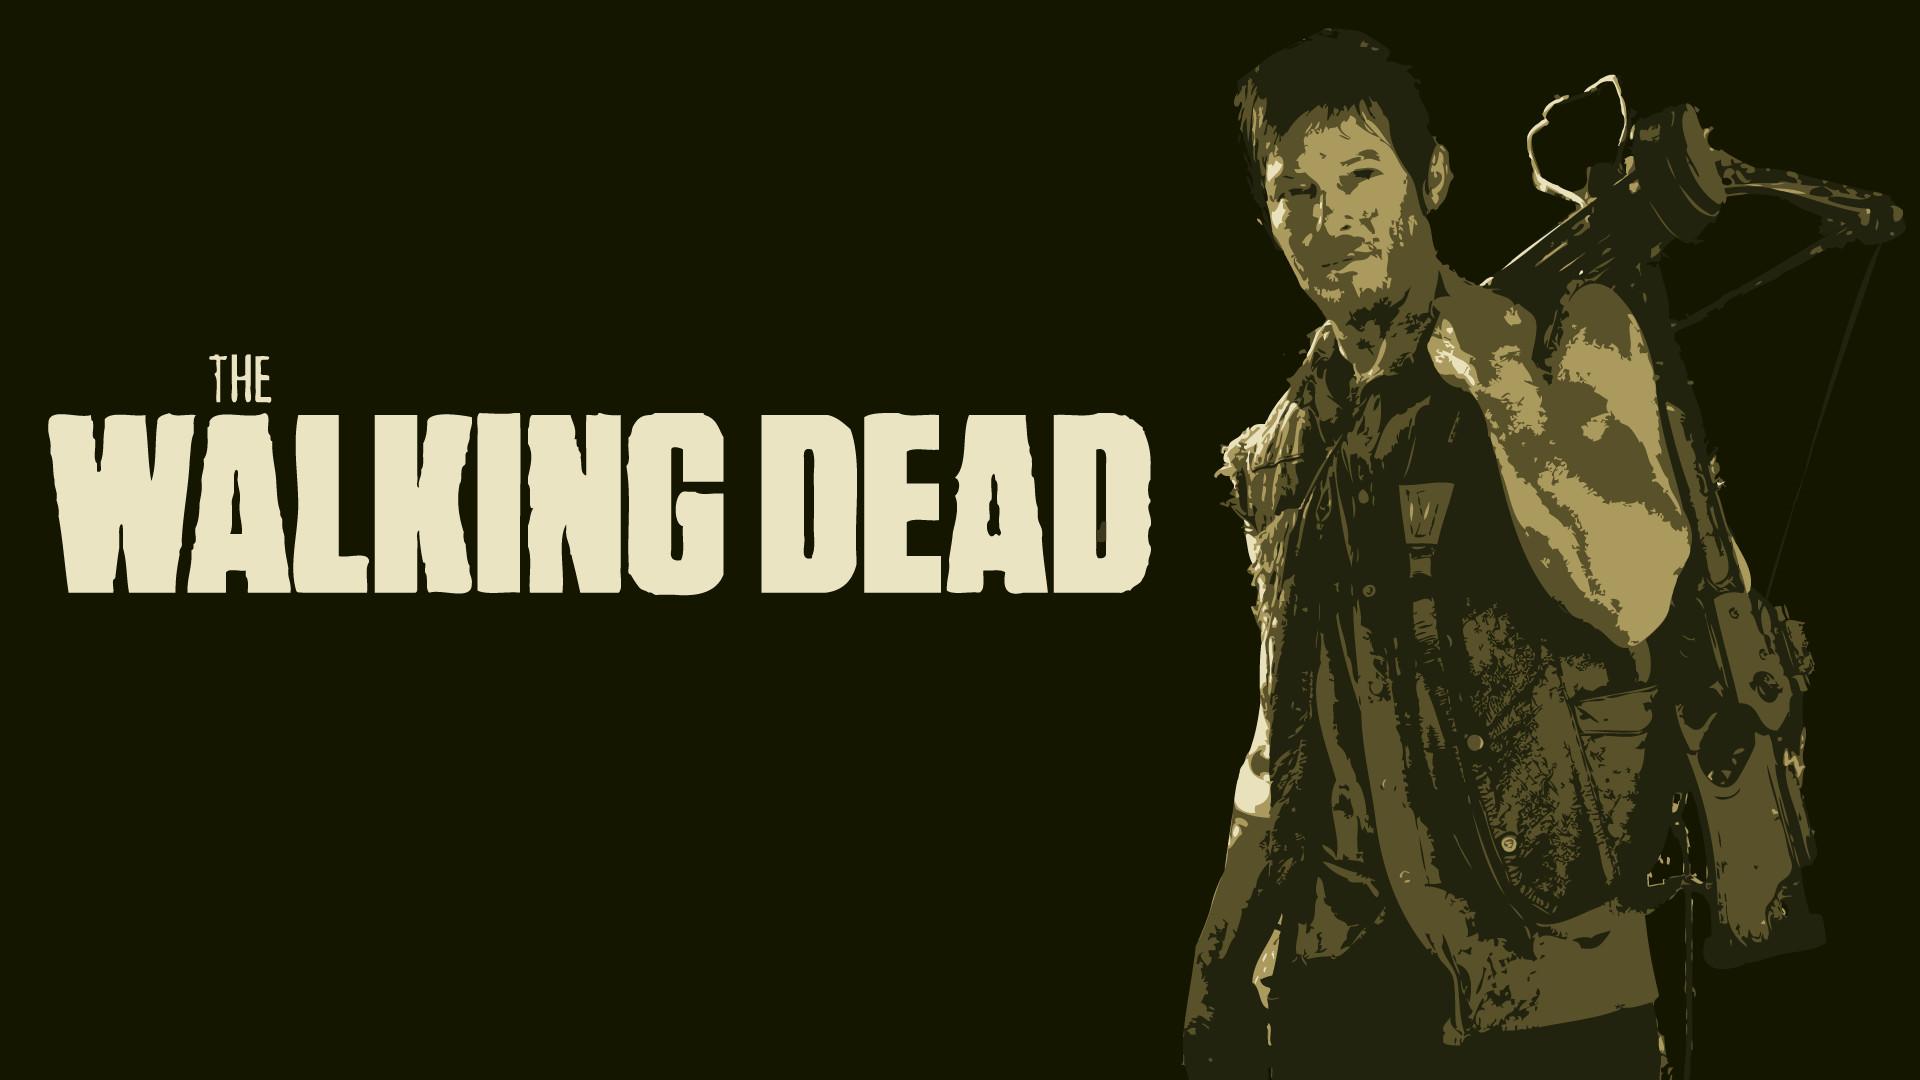 The Walking Dead wallpapers desktop